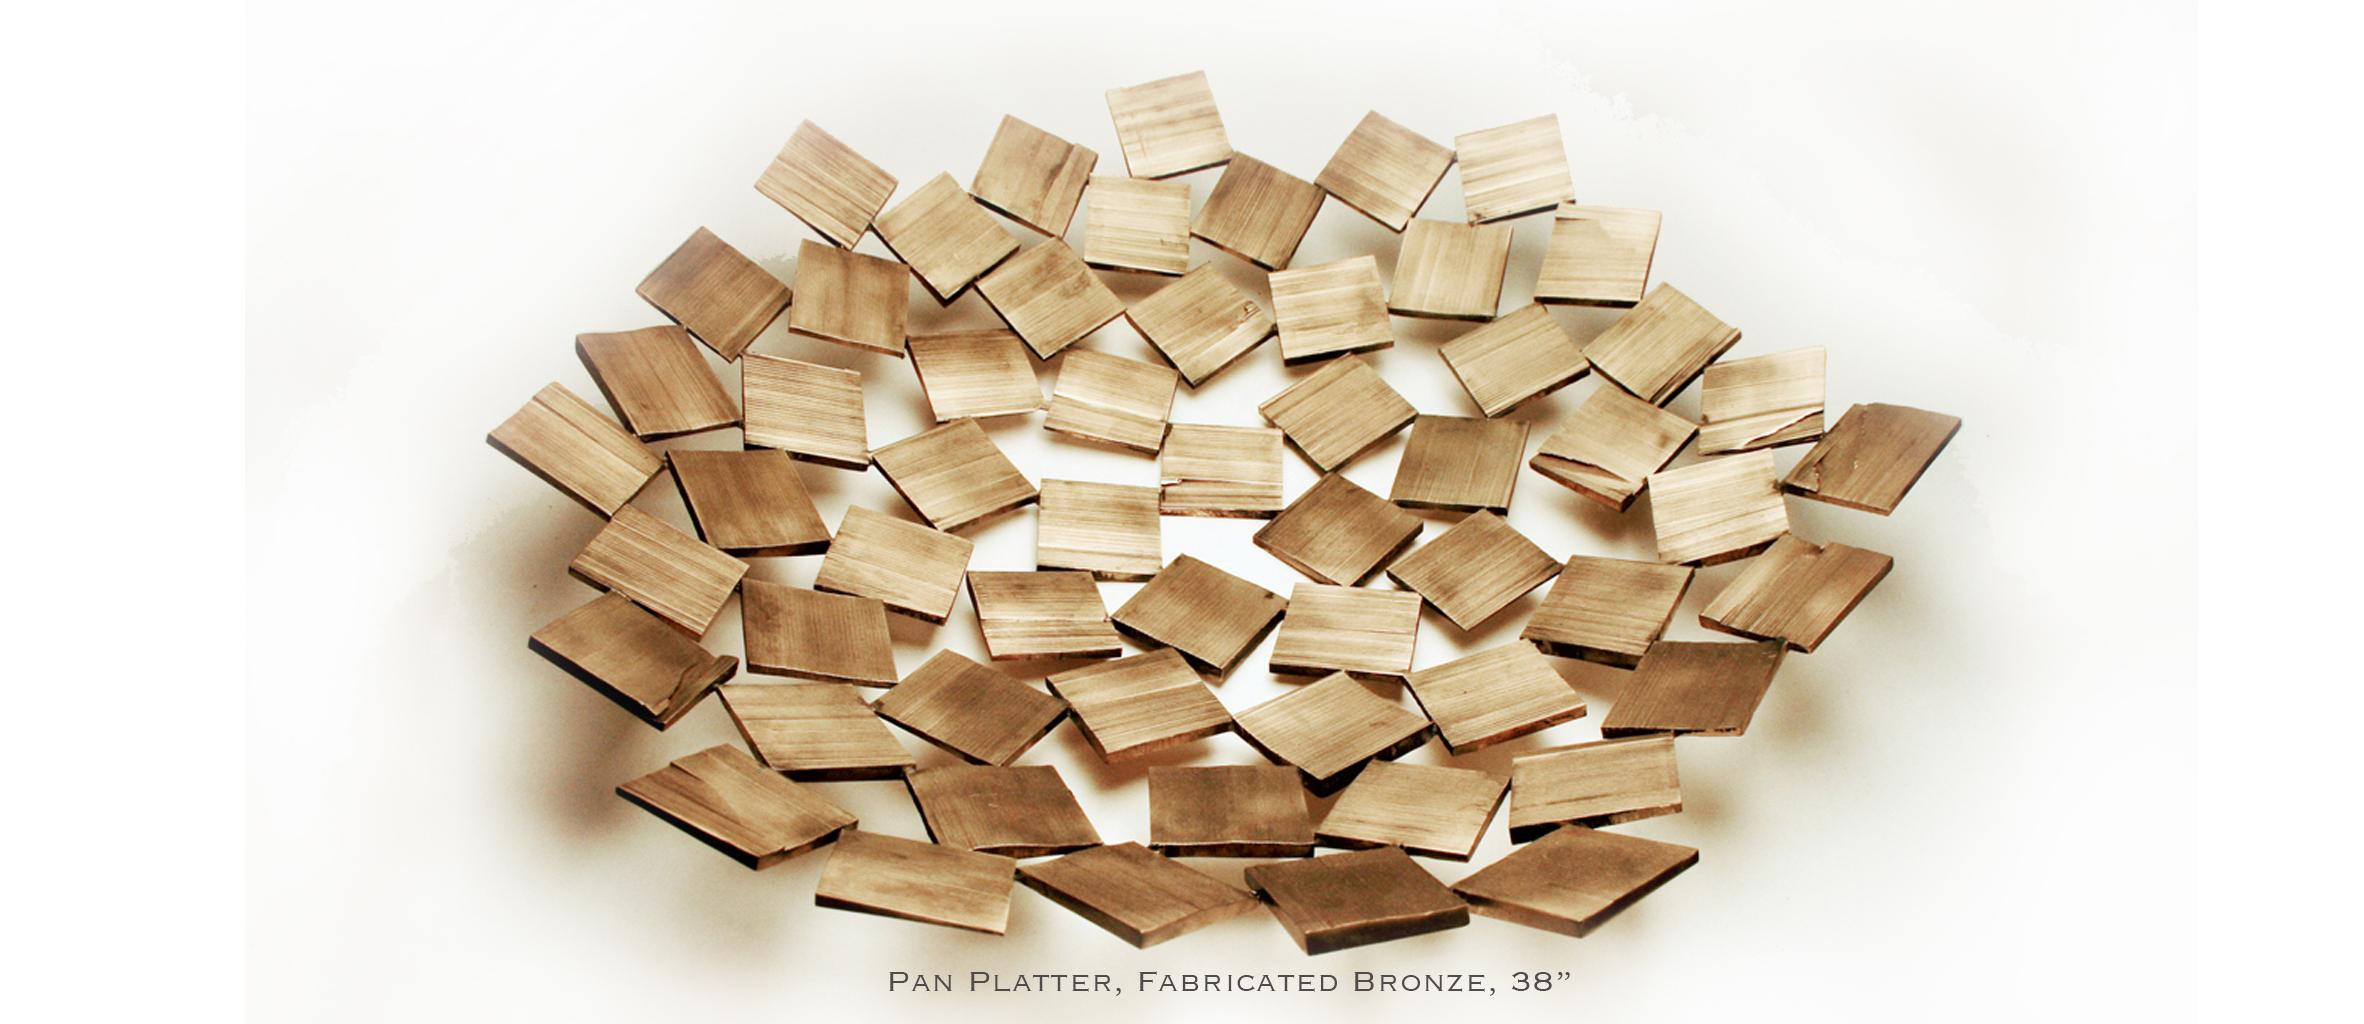 Pan Platter for Wbst.jpg